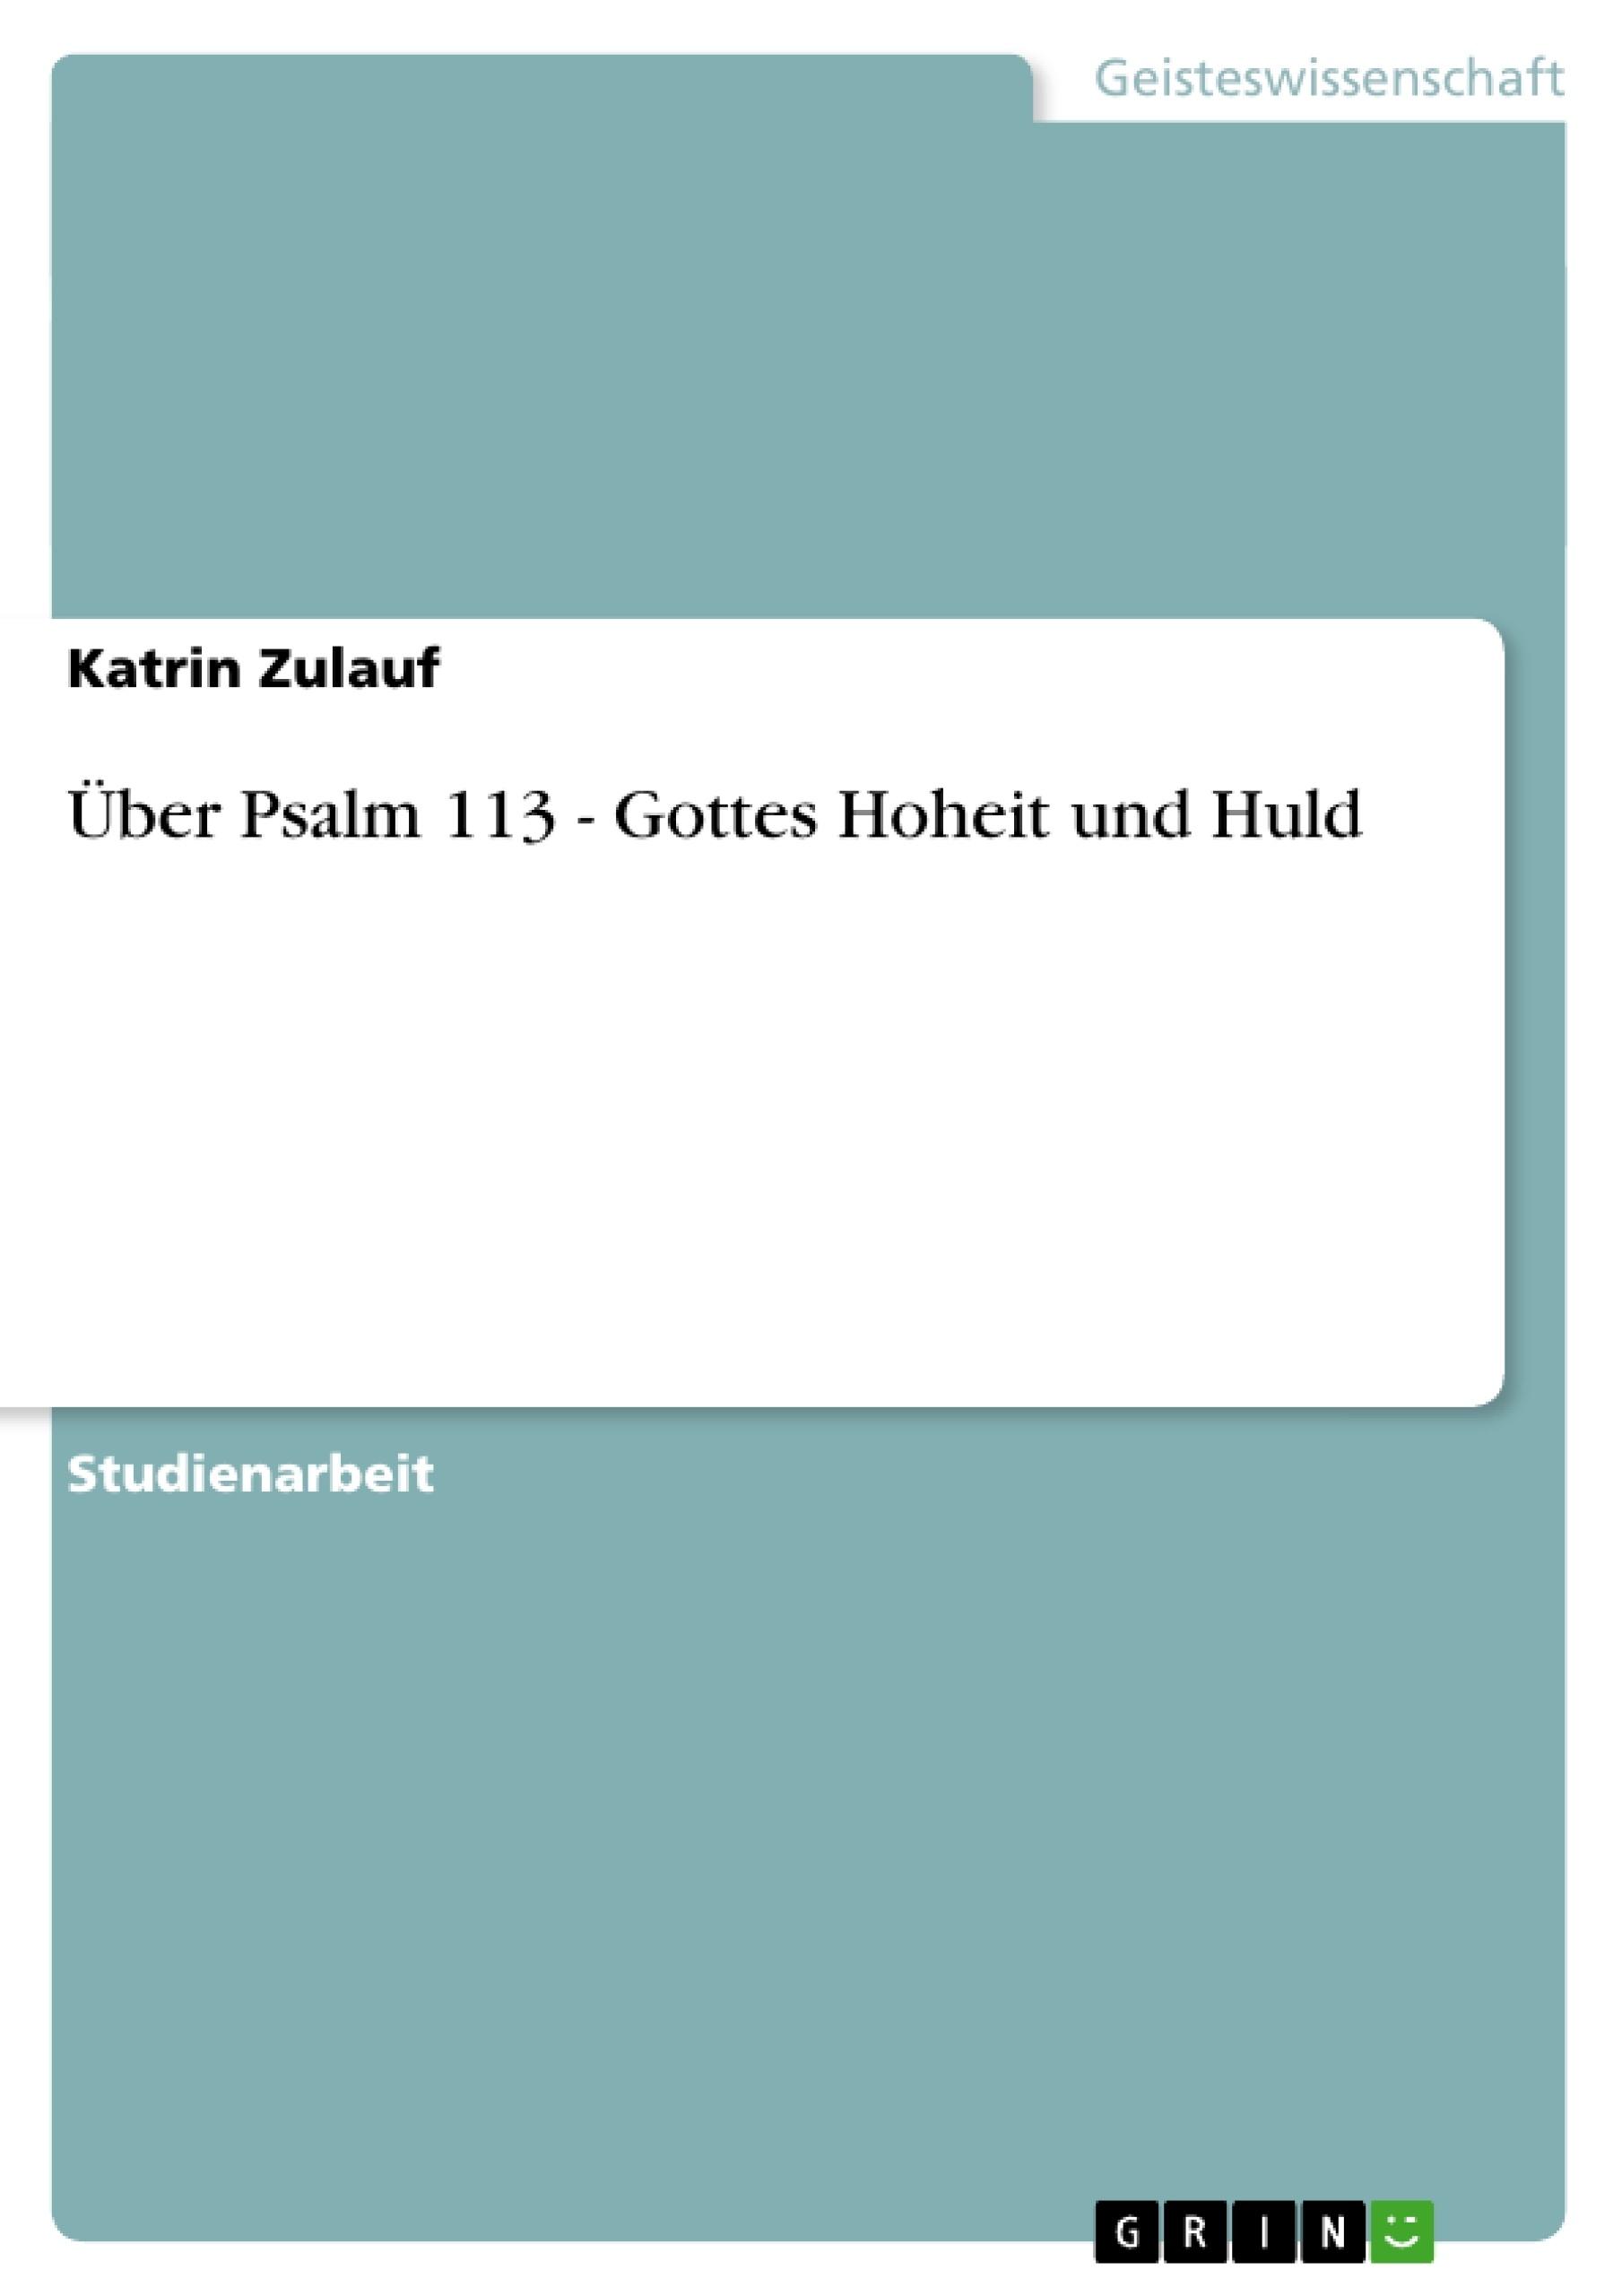 Titel: Über Psalm 113 - Gottes Hoheit und Huld